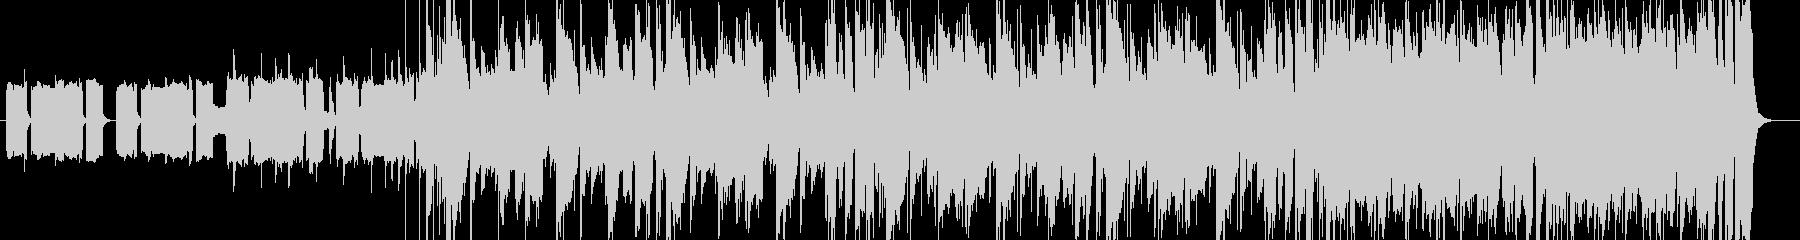 クールでグルーヴィなファンクチューンの未再生の波形